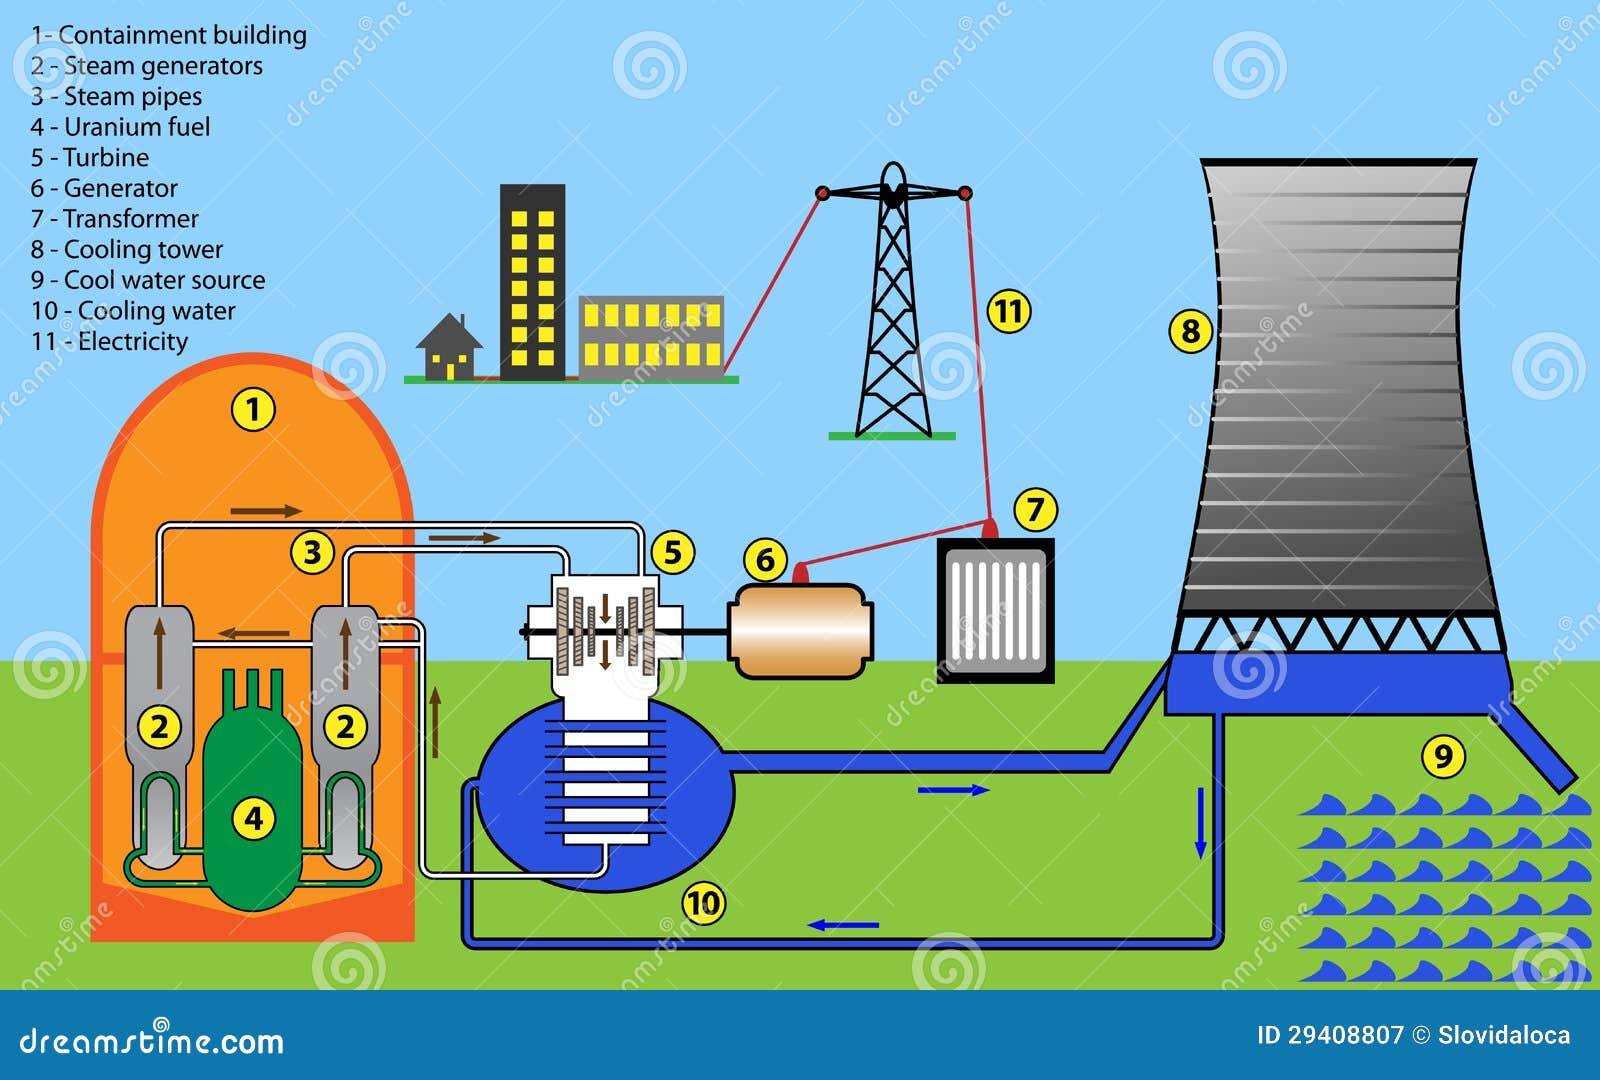 inside a nuclear power plant diagram centrale atomica illustrazione di stock illustrazione di